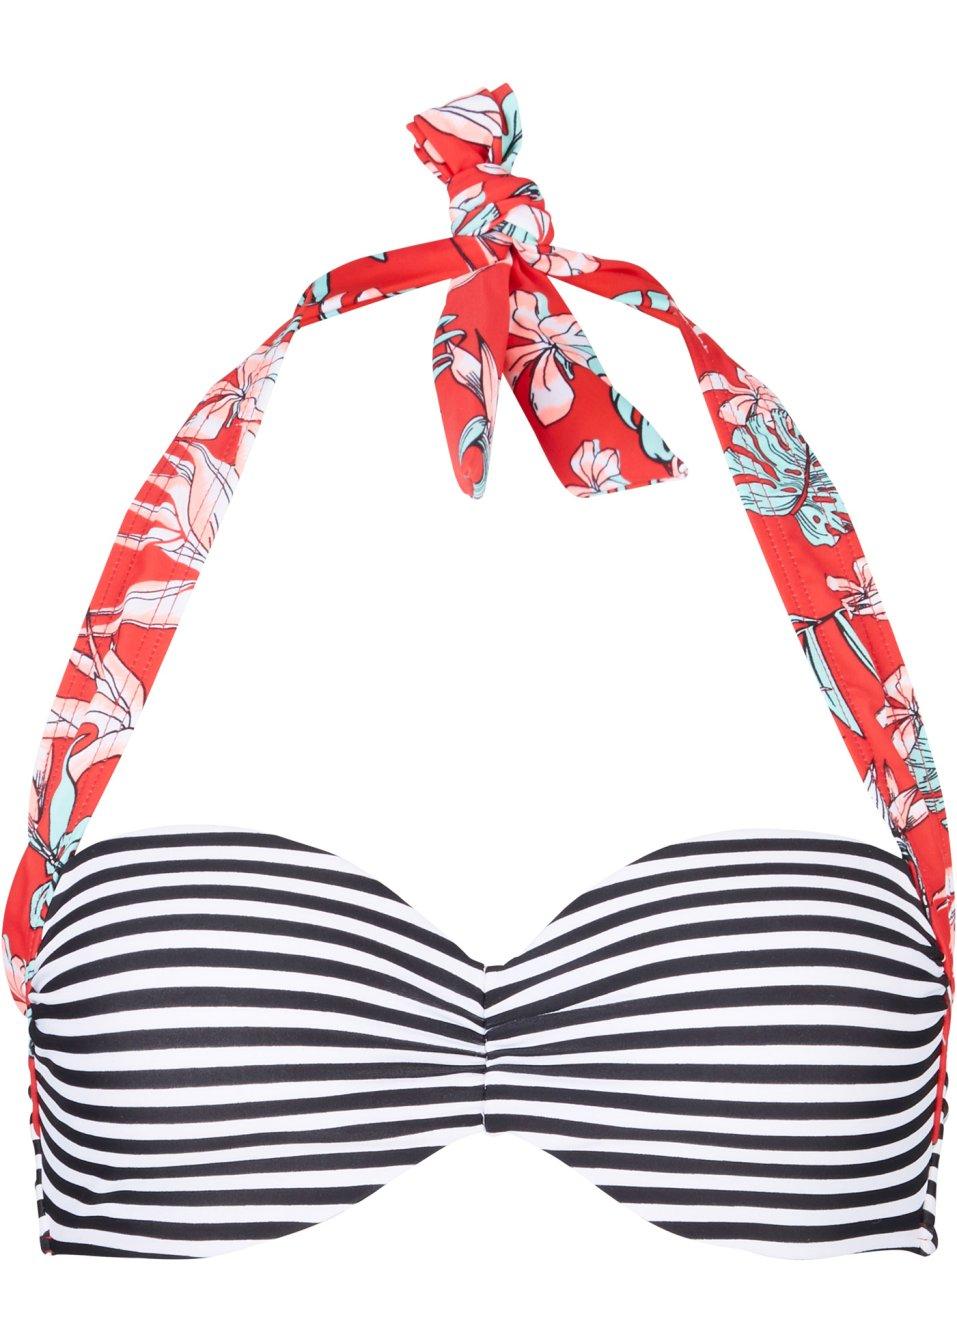 Modisches Bügel Bikini Oberteil mit verdeckten Bügeln - schwarz/weiß gestreift Cup C jCoWH R5RL5